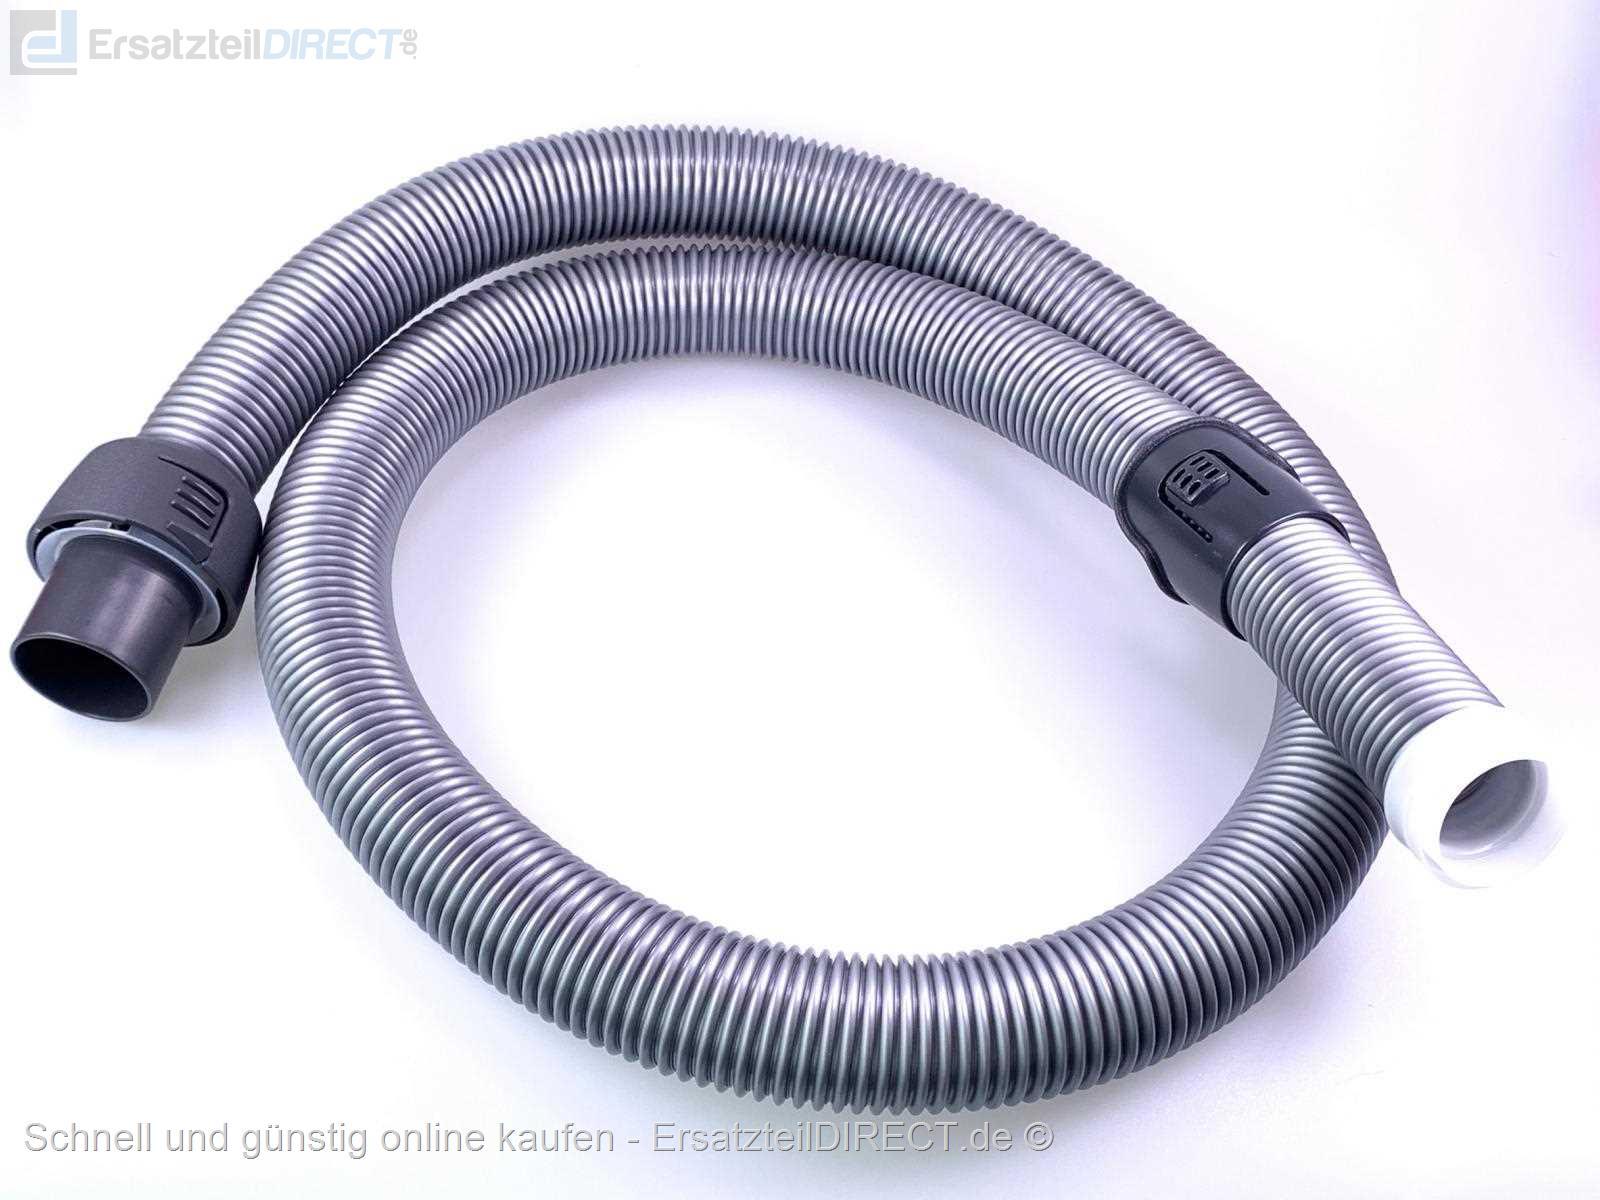 Staubsaugerschlauch 182cm für Electrolux ZJM6820 903151523